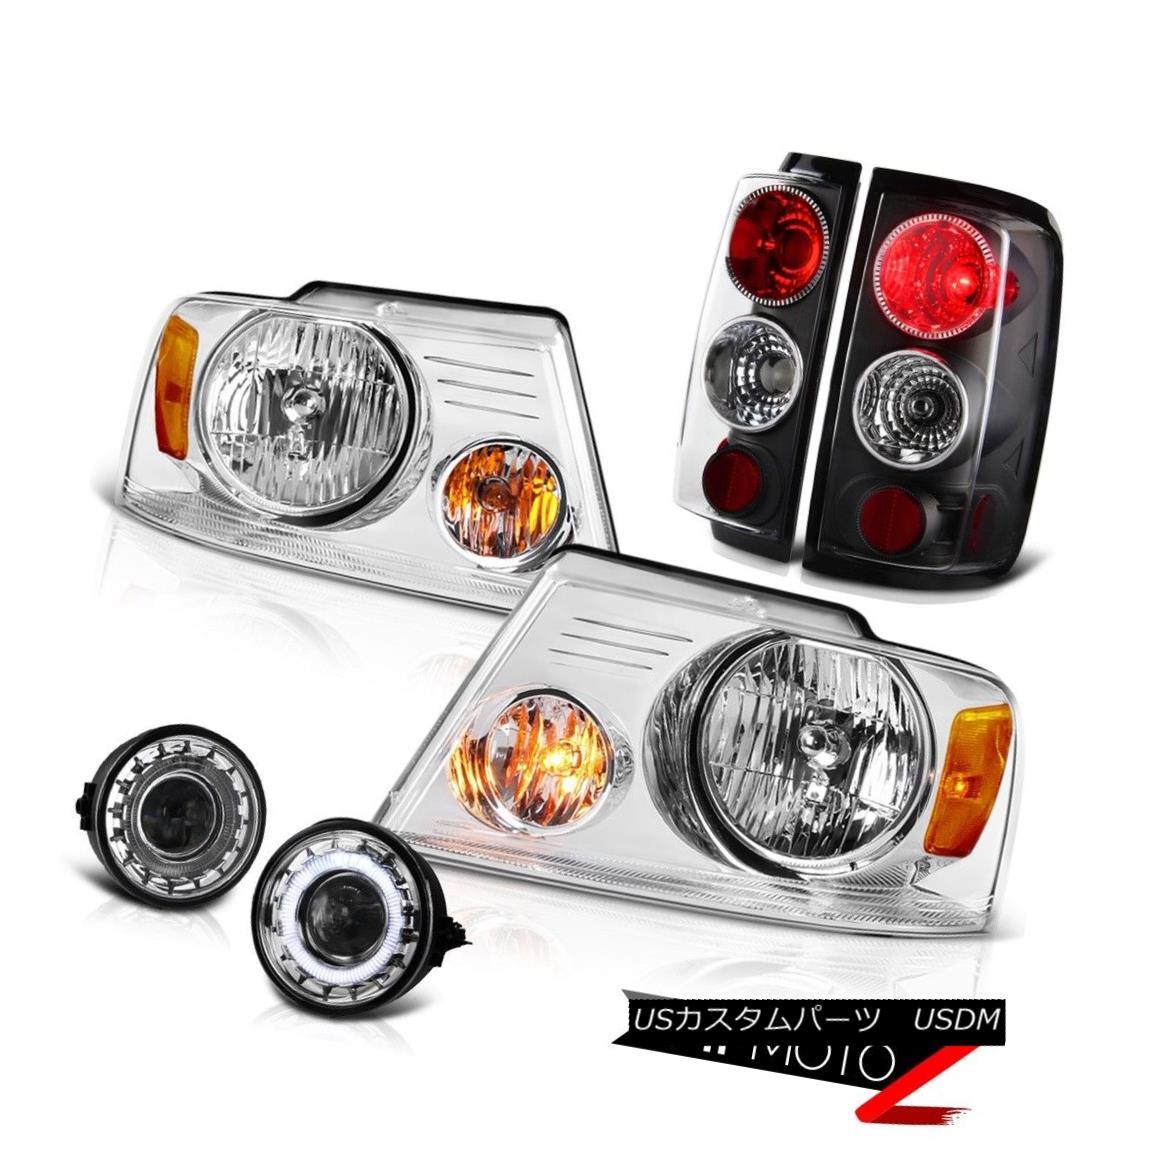 ヘッドライト [ANGEL EYE] 2006 2007 2008 FORD F150 Glass Fog Lamp+Headlights+Rear Tail Lights [ANGEL EYE] 2006 2007 2008フォードF150ガラスフォグランプ+ヘッドライト s +リアテールライト